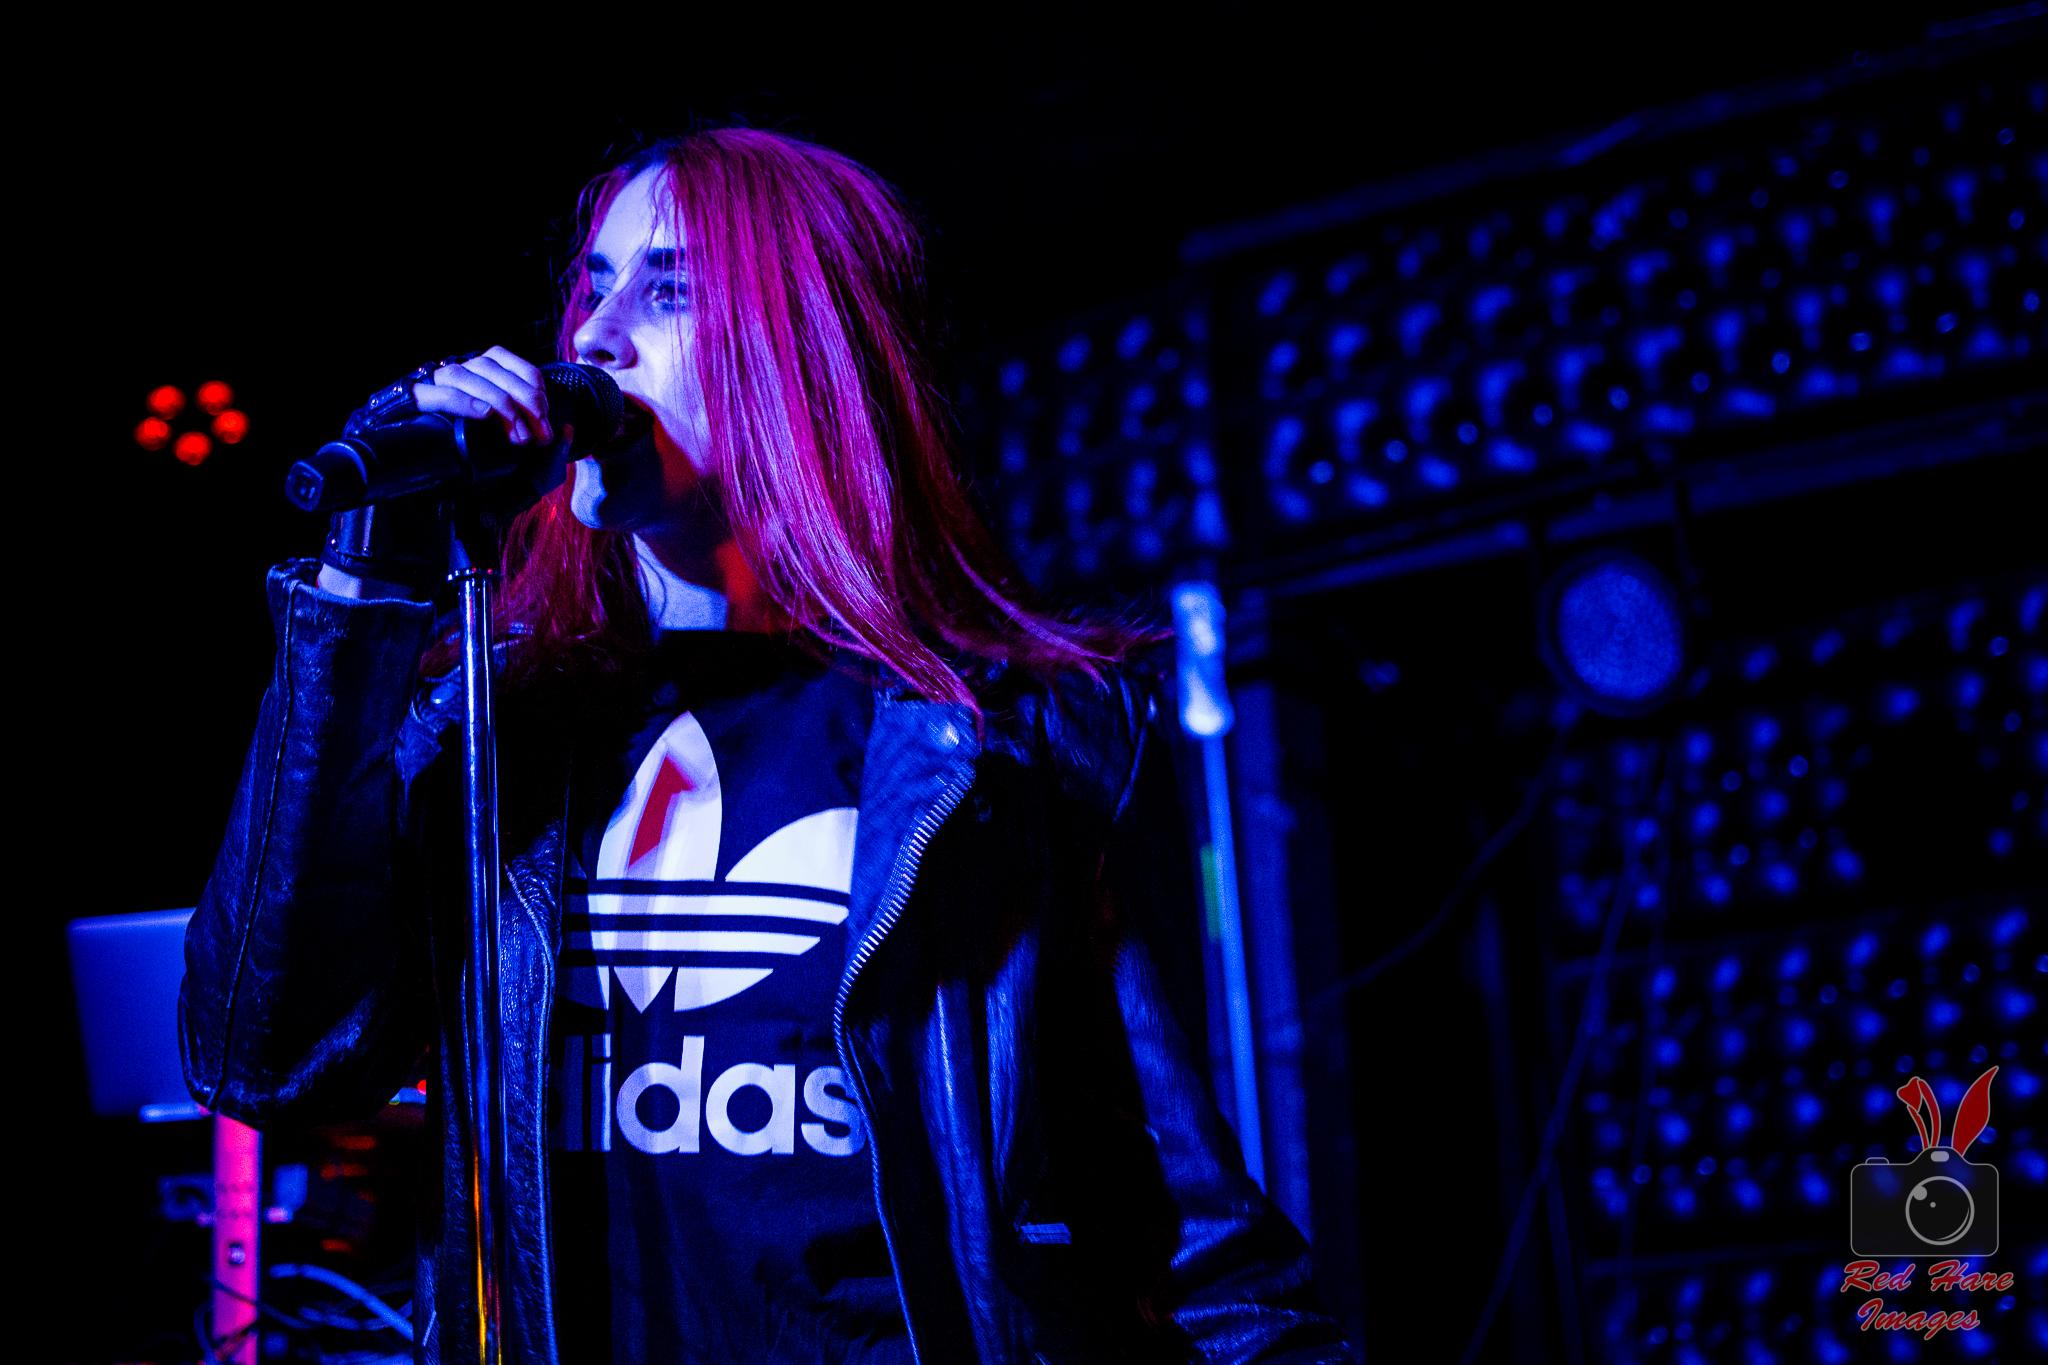 Night Club, Emily Kavanaugh